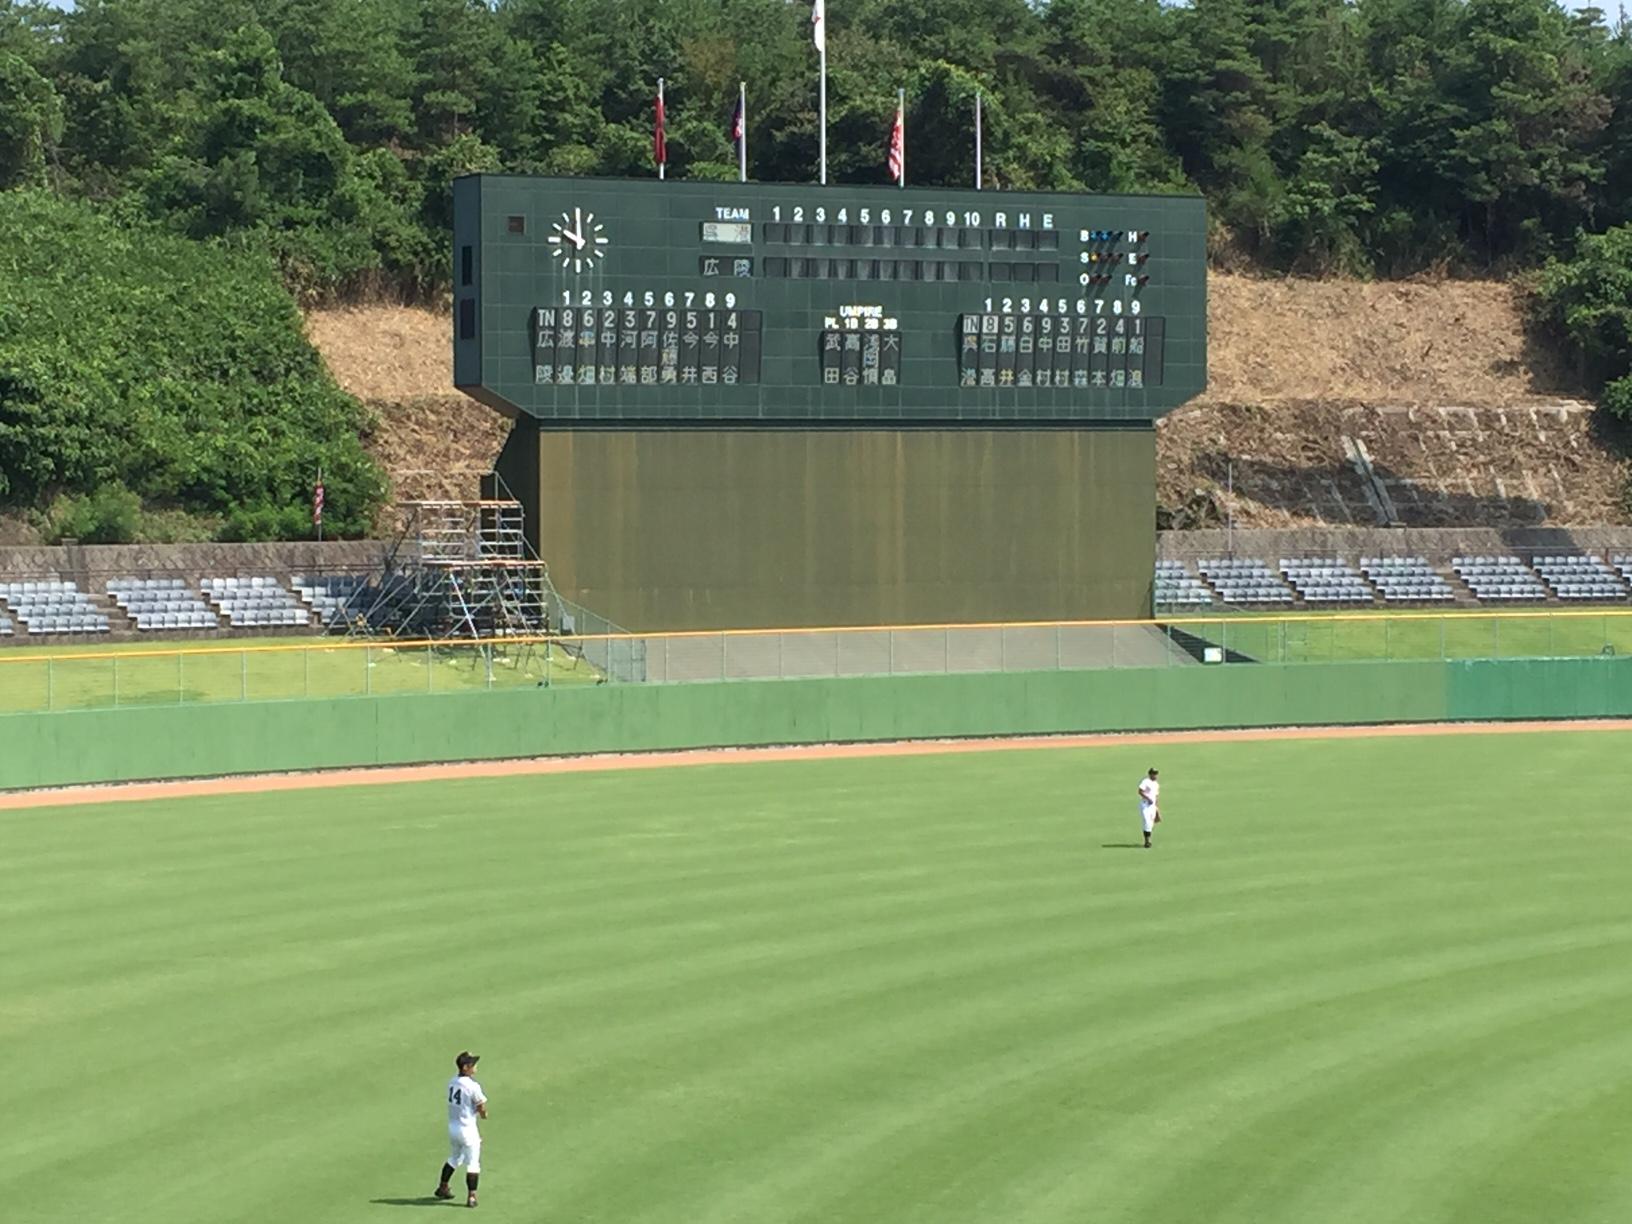 春の選抜高校野球代表を決める、秋季高校野球【広島県大会】が、しまなみ球場などで開催されています!